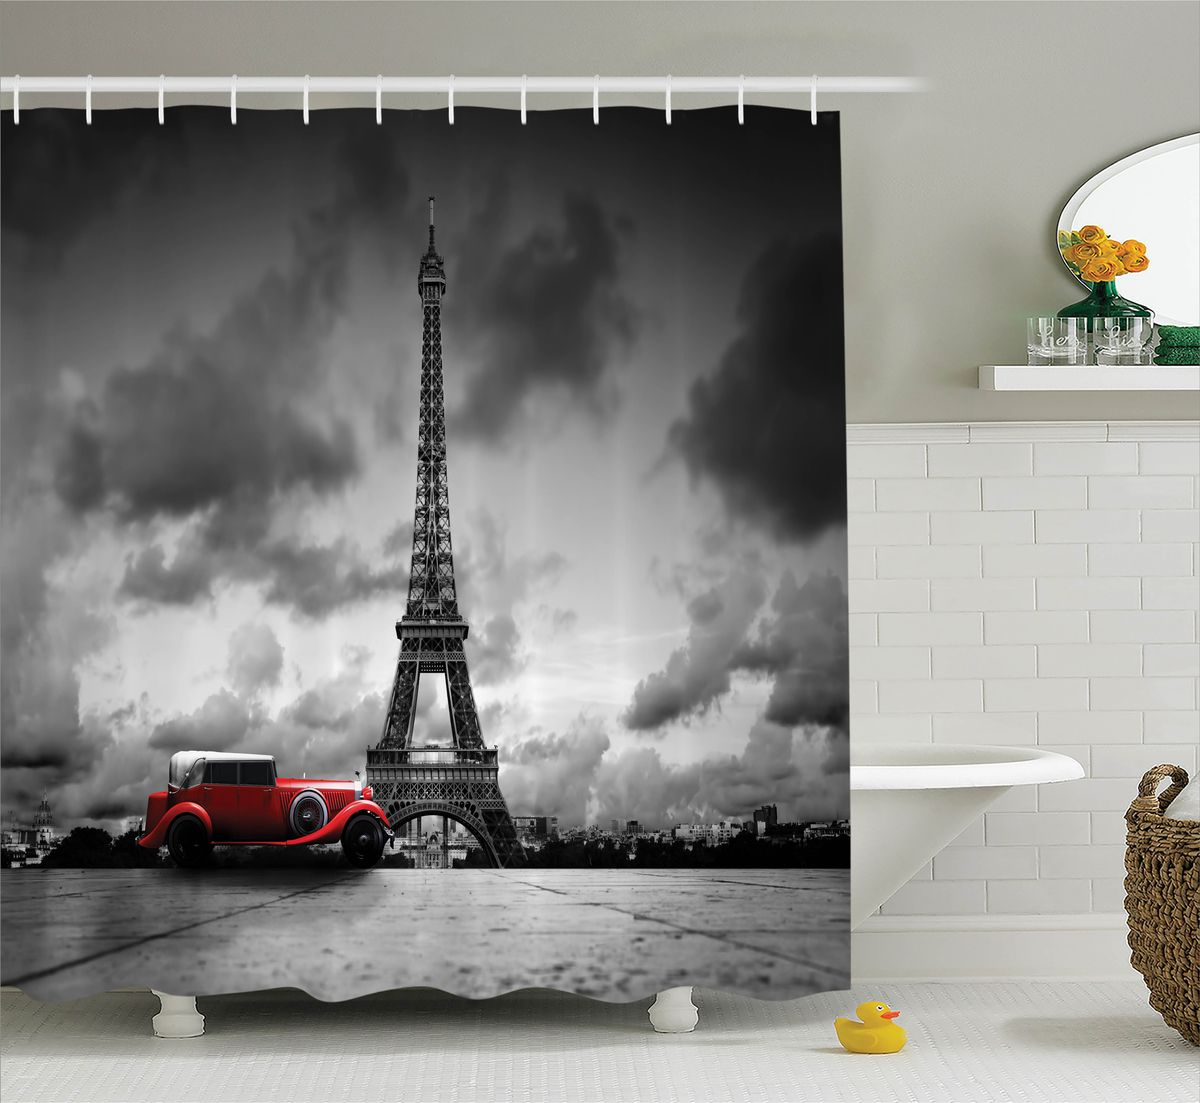 Штора для ванной комнаты Magic Lady Пасмурный день в Париже, 180 х 200 смшв_11322Штора Magic Lady Пасмурный день в Париже, изготовленная из высококачественного сатена (полиэстер 100%), отлично дополнит любой интерьер ванной комнаты. При изготовлении используются специальные гипоаллергенные чернила для прямой печати по ткани, безопасные для человека.В комплекте: 1 штора, 12 крючков. Обращаем ваше внимание, фактический цвет изделия может незначительно отличаться от представленного на фото.